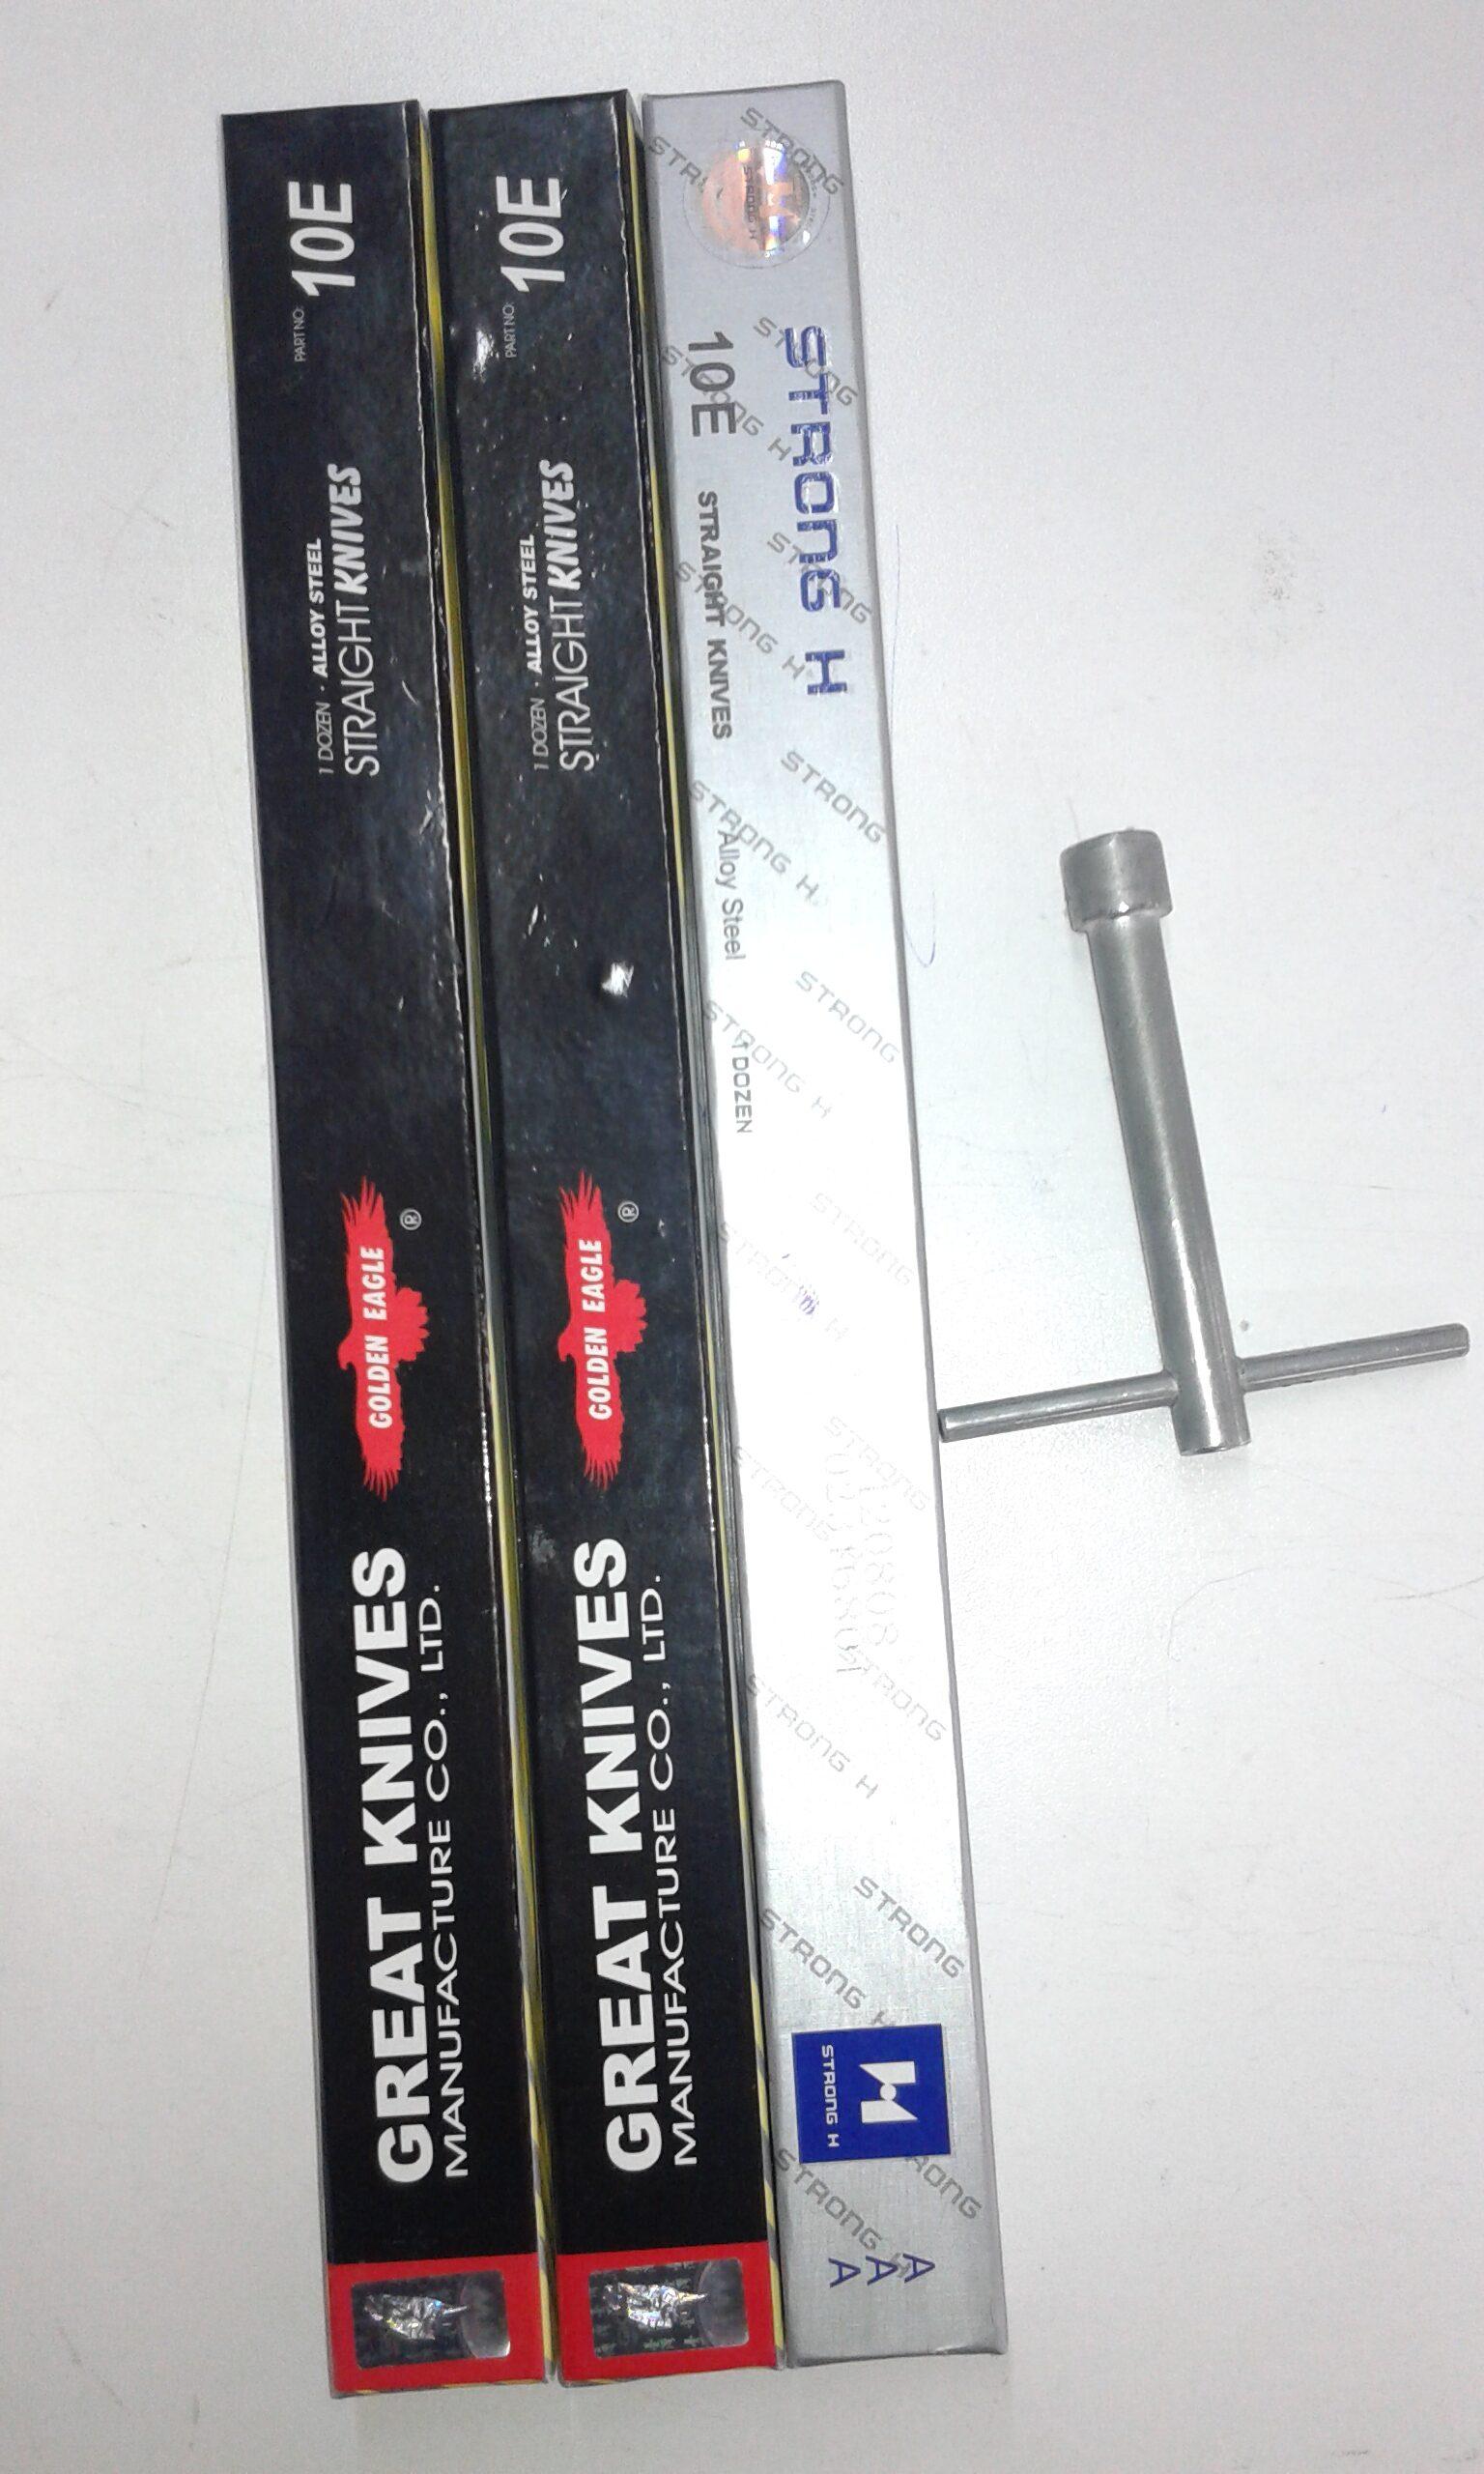 Dik Bıçak Kumaş Kesim Motoru Bıçak Anahtarı, Promethe Elektronik, Kumaş Kesim Motoru Tamiri Ve Yedek Parça Satışı, İletişim : (+90) 0538 749 34 59